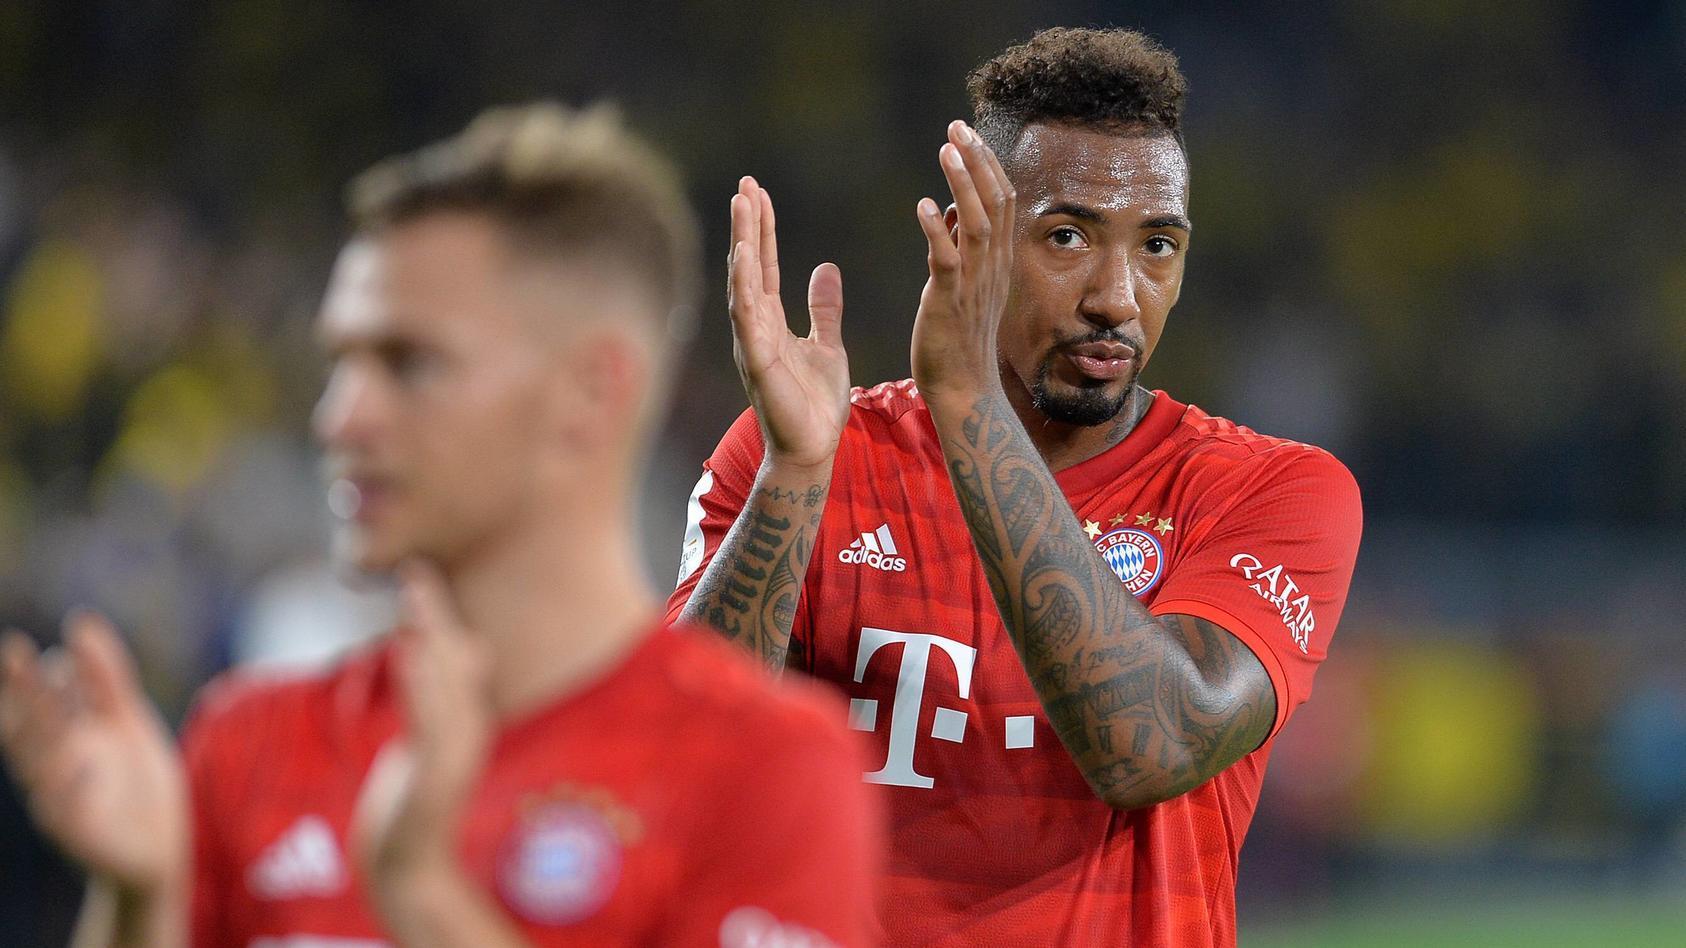 Jérôme Boateng hat beim FC Bayern keine Zukunft mehr, er muss den Club im Sommer verlassen.